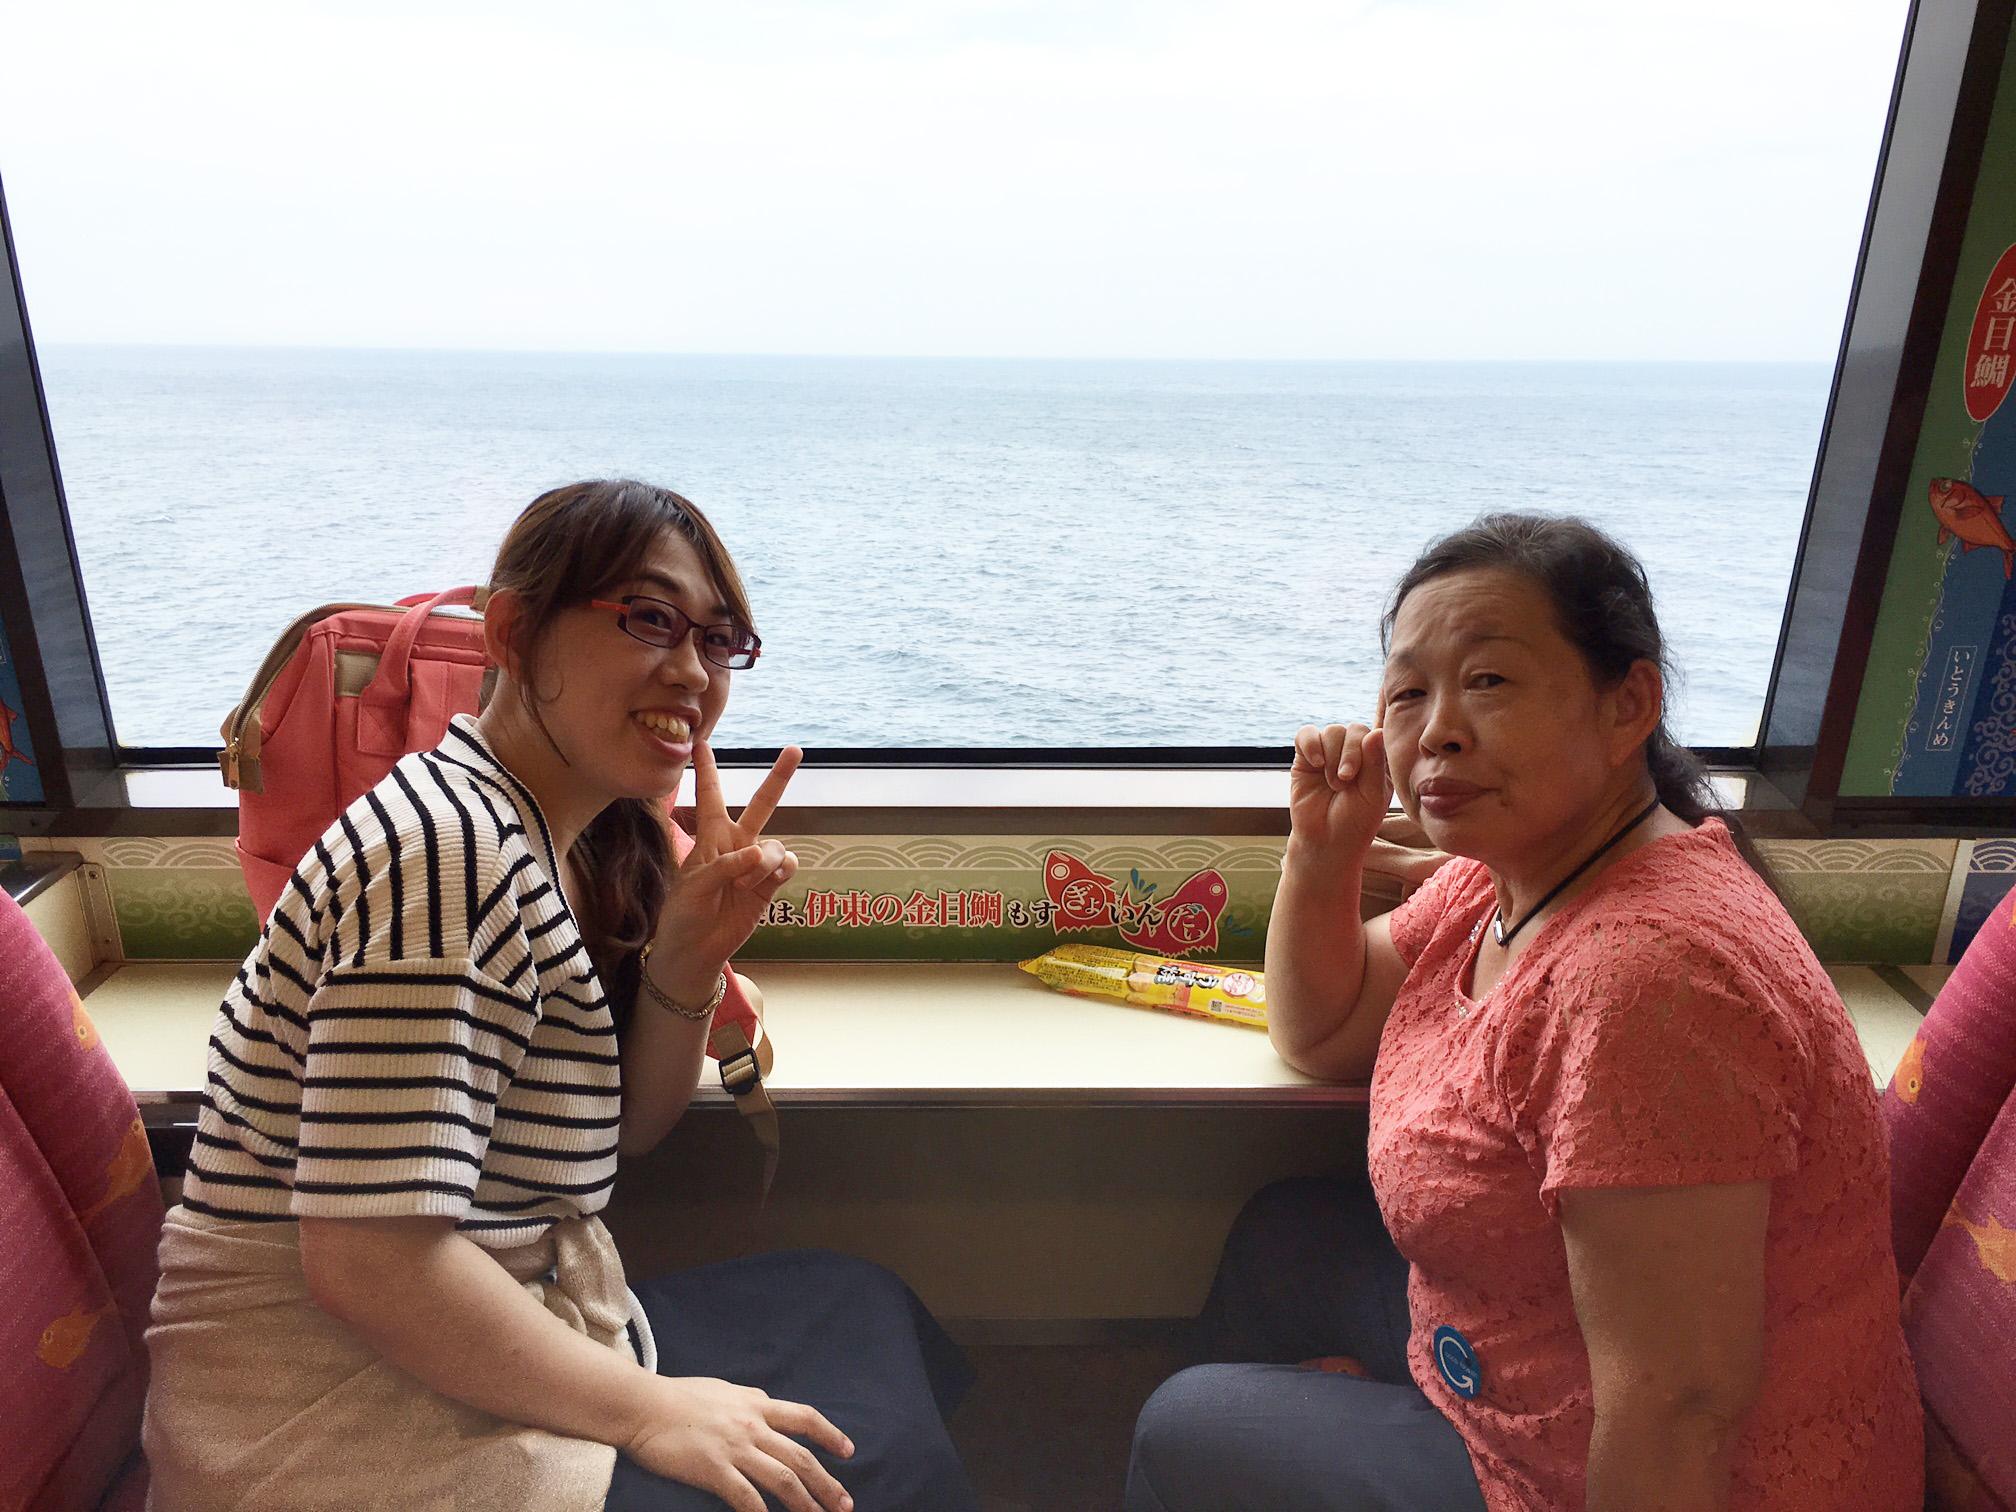 陸!海!空! 3つの乗り物で伊豆半島を満喫ツアーを催行!